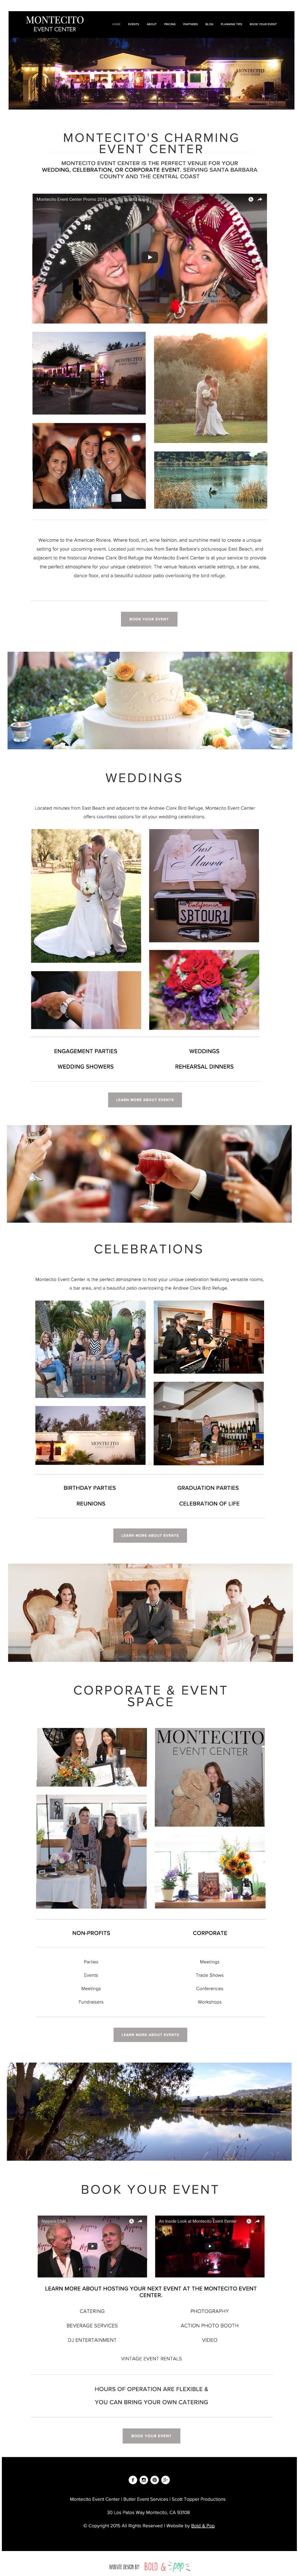 Bold & Pop : Montecito Event Center Website Refresh